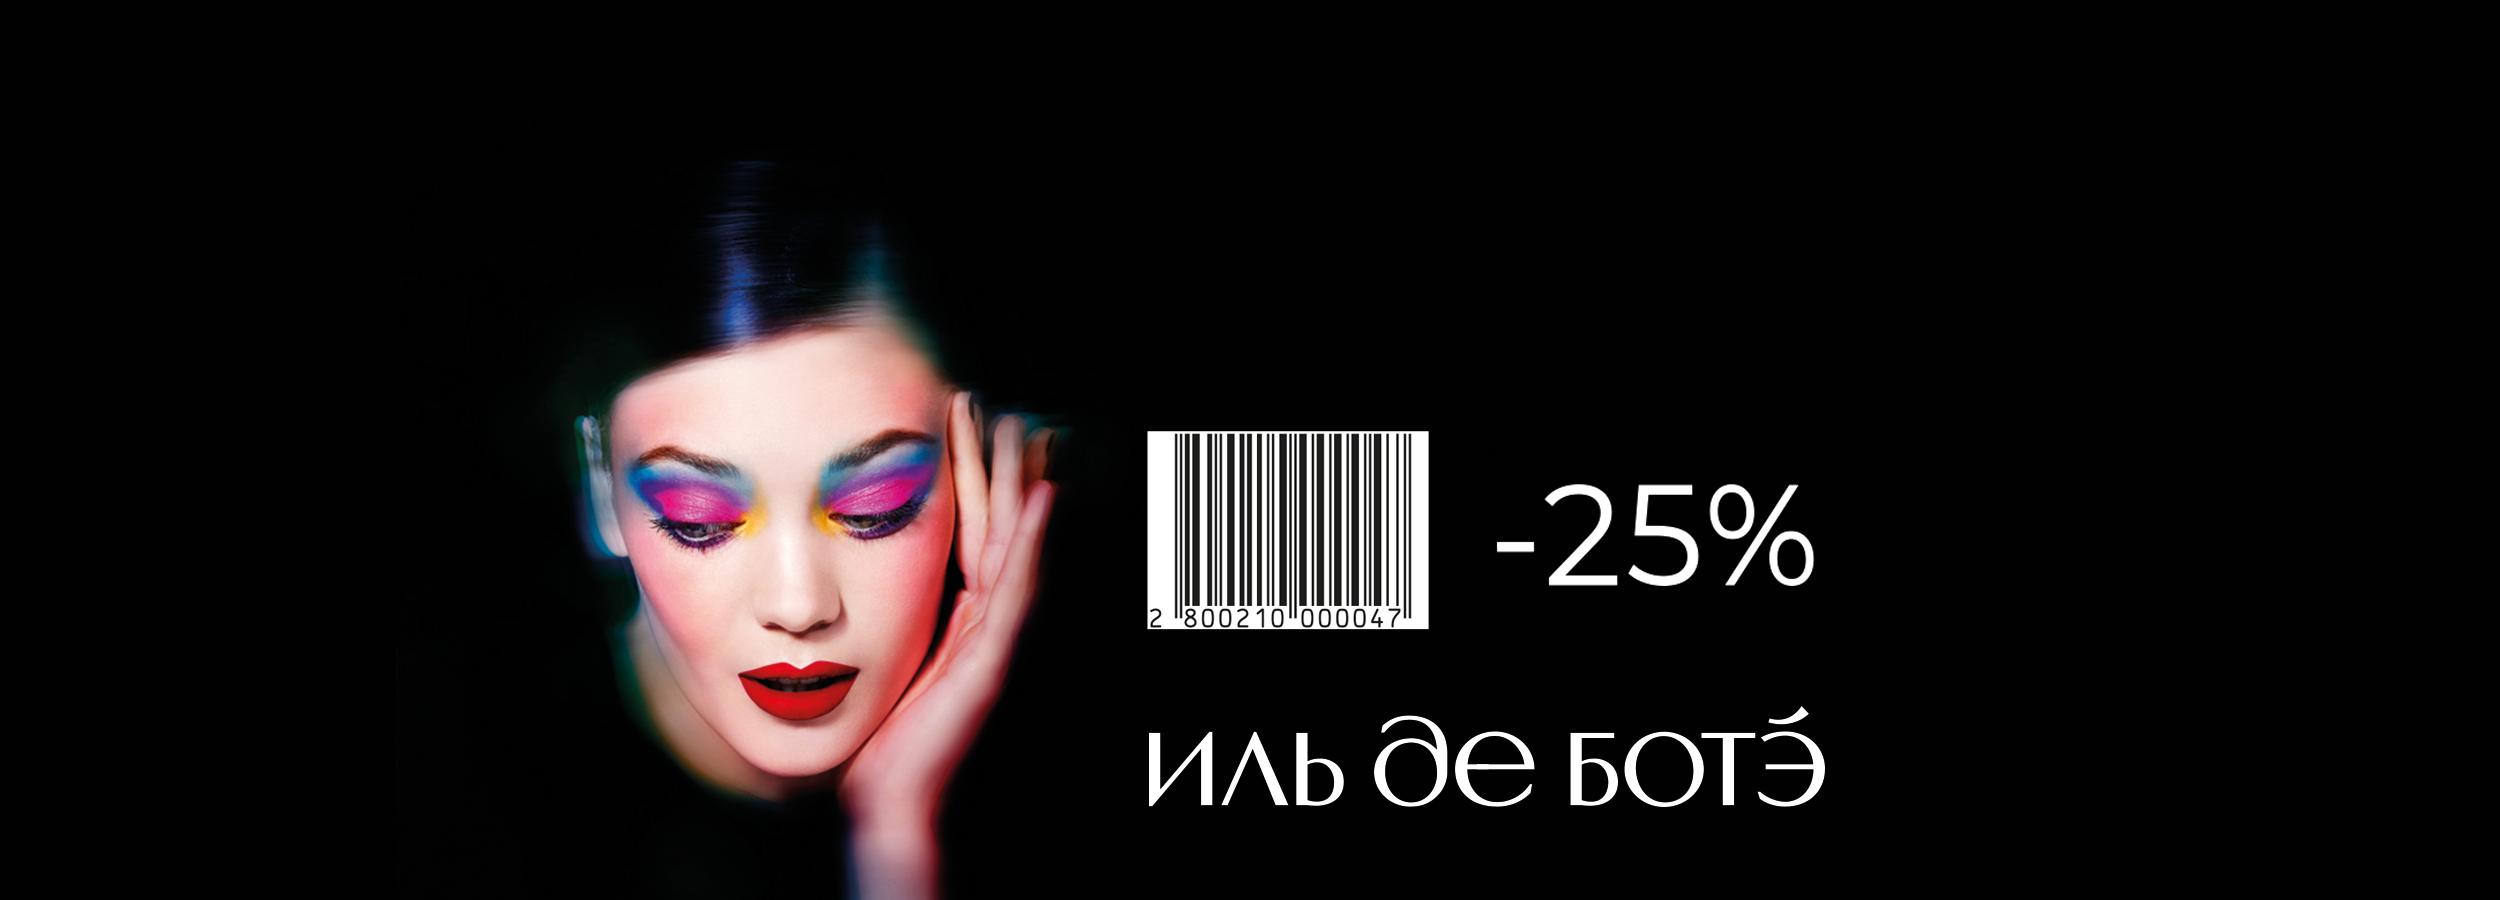 Акция ИЛЬ ДЕ БОТЭ | Блог netprint.ru